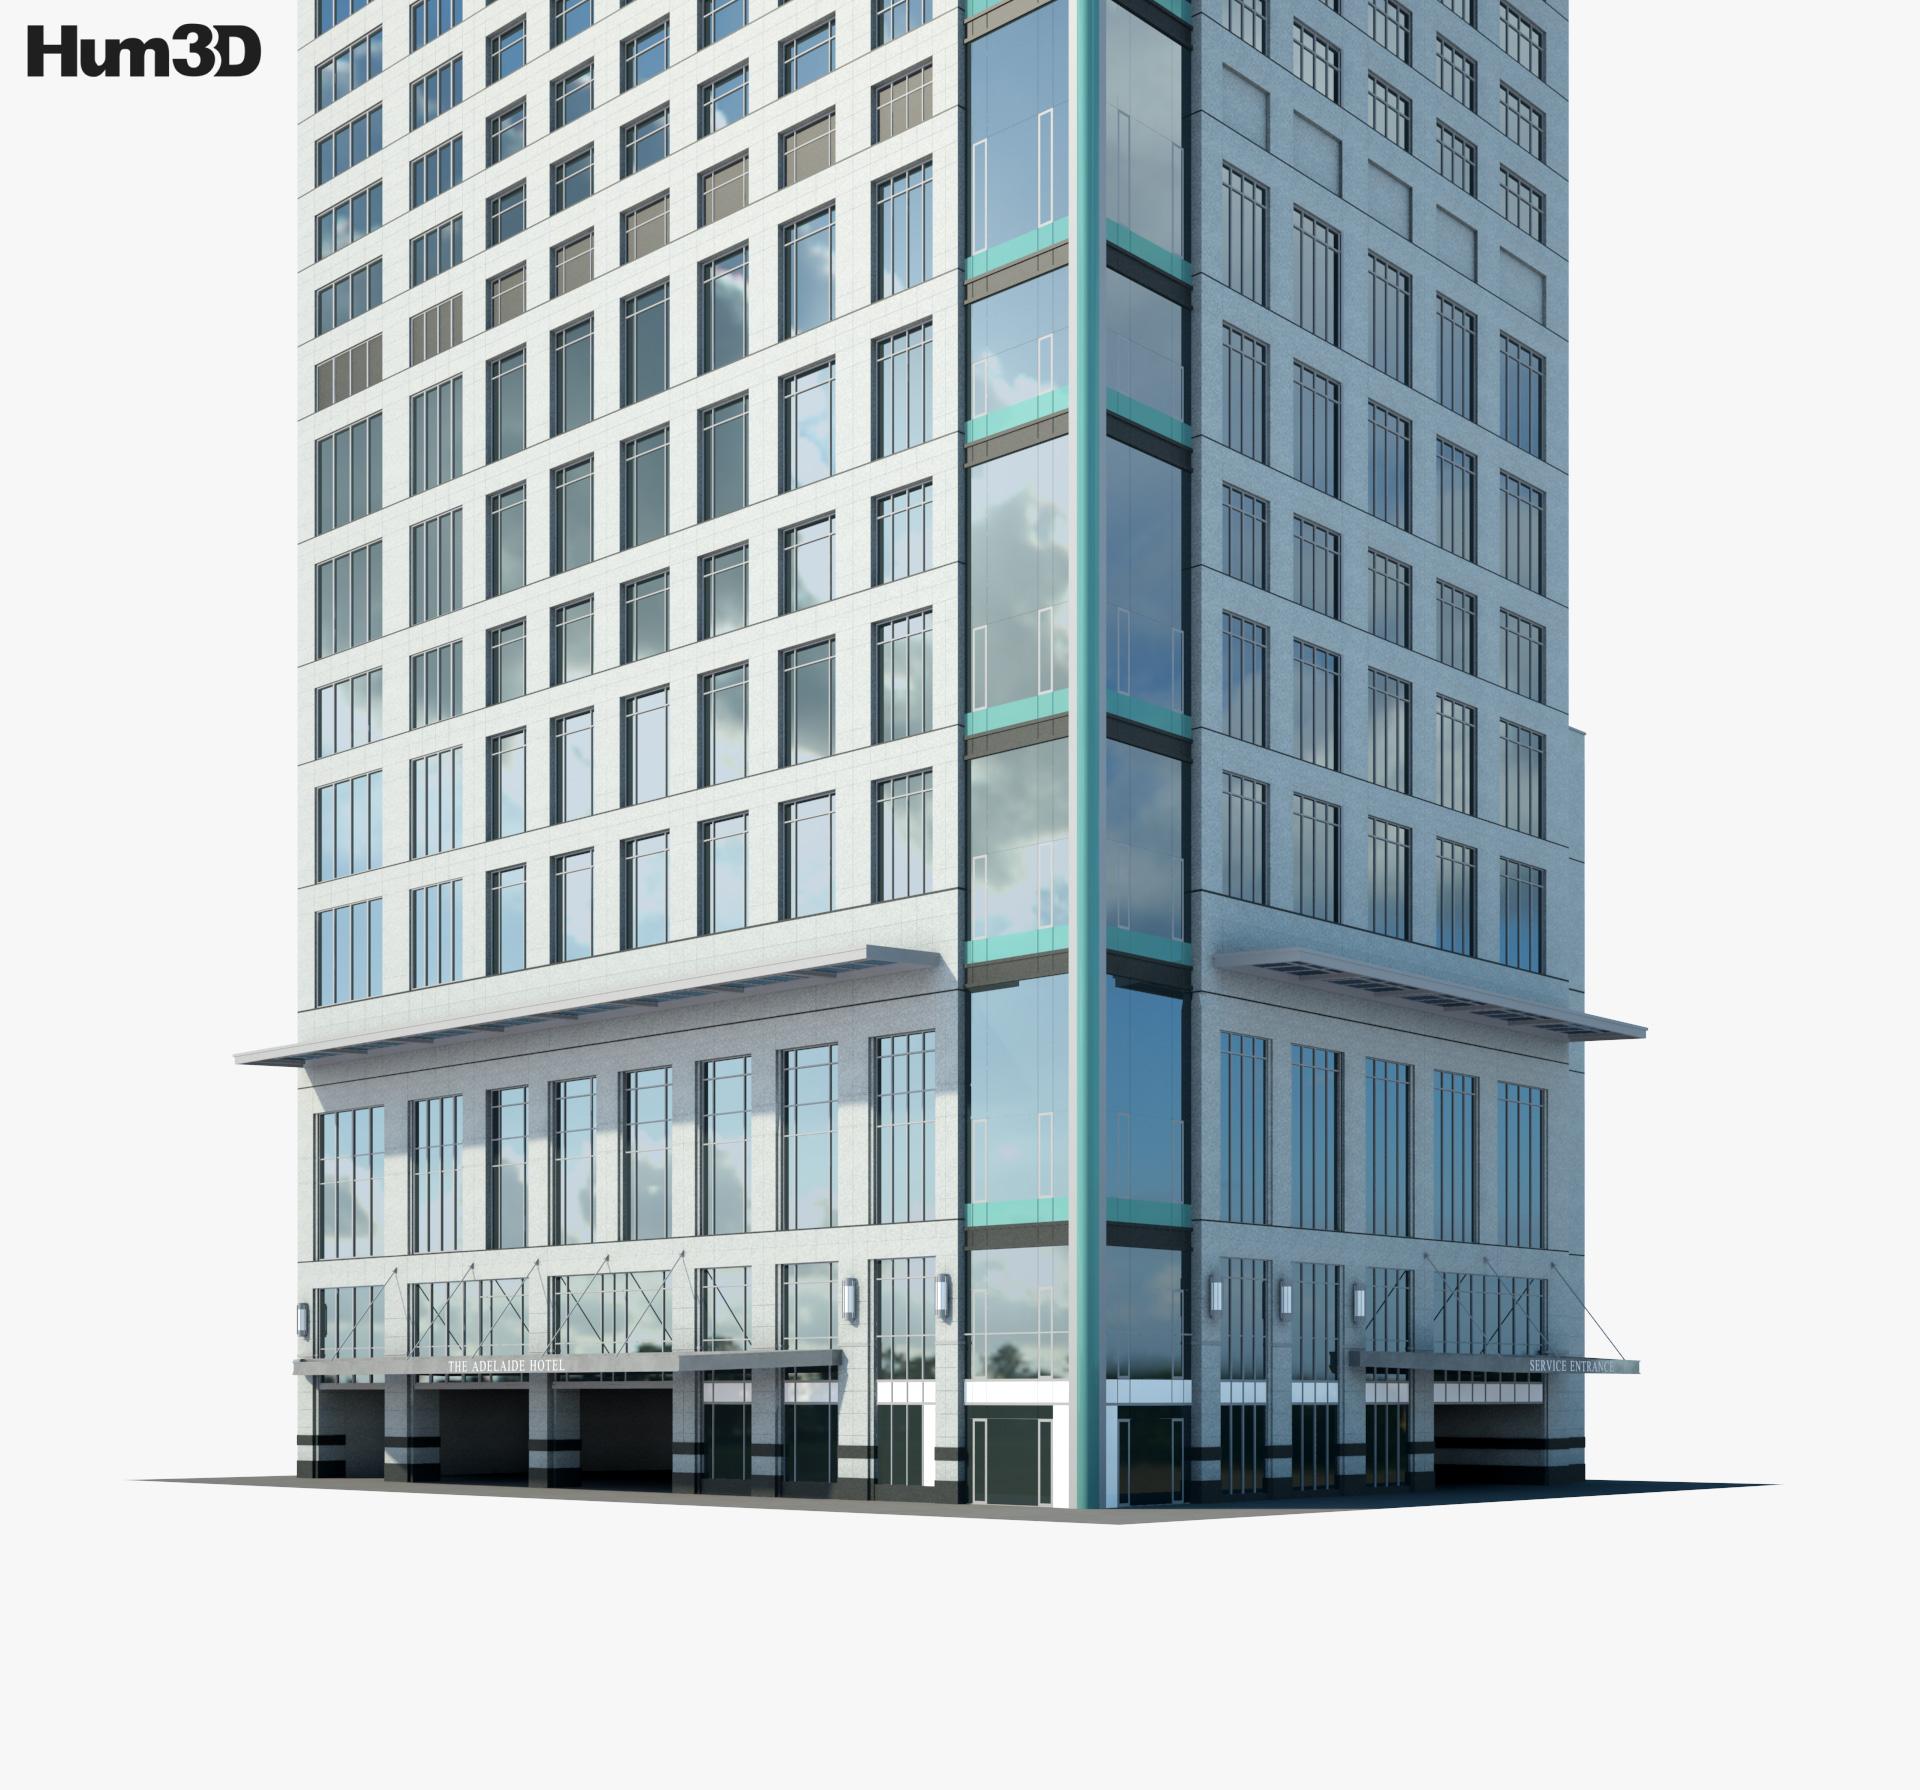 The Adelaide Hotel Toronto 3d model